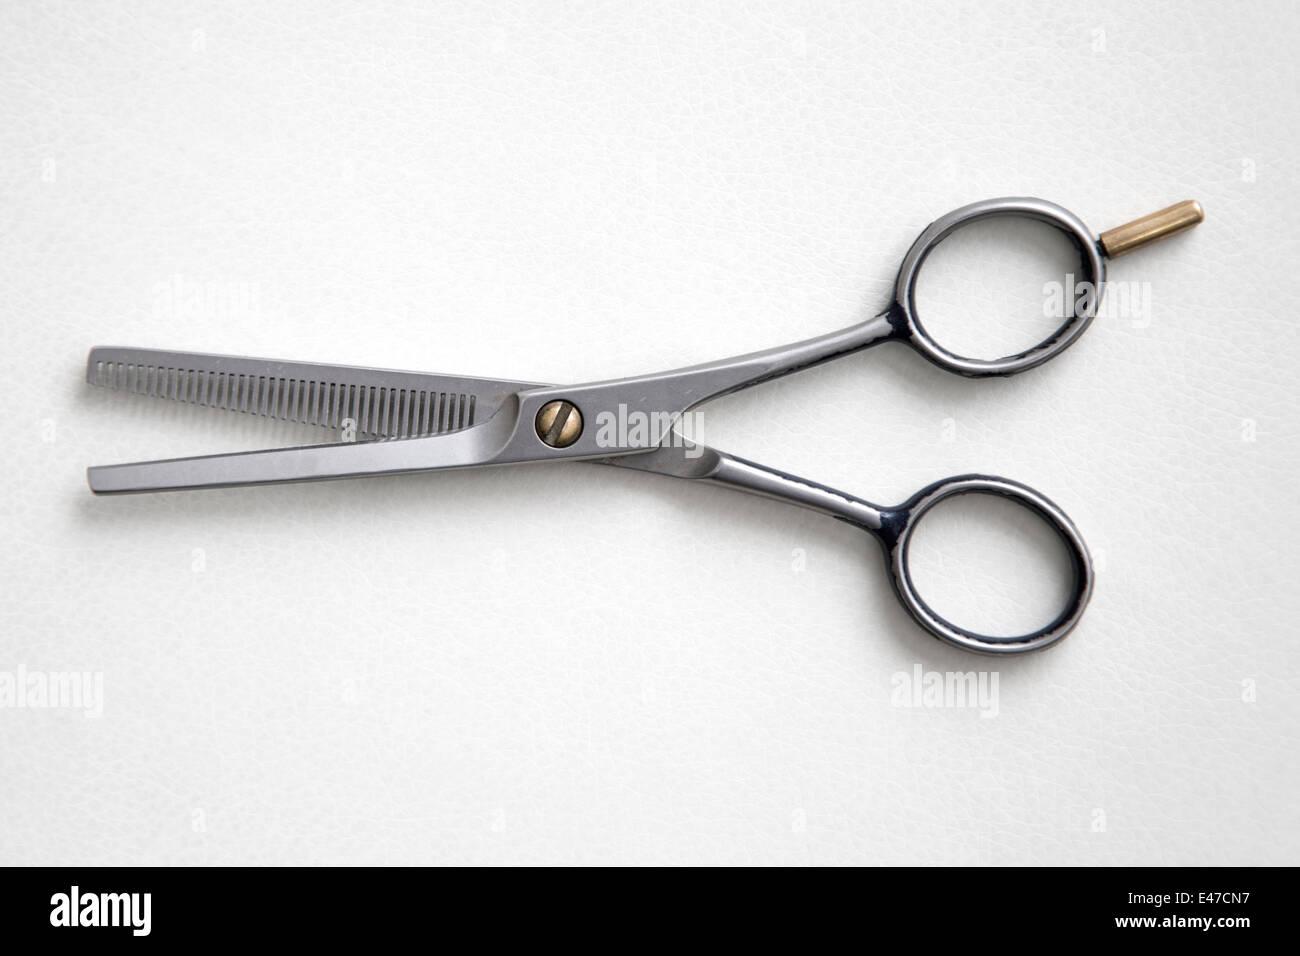 Hairdresser scissors - Stock Image